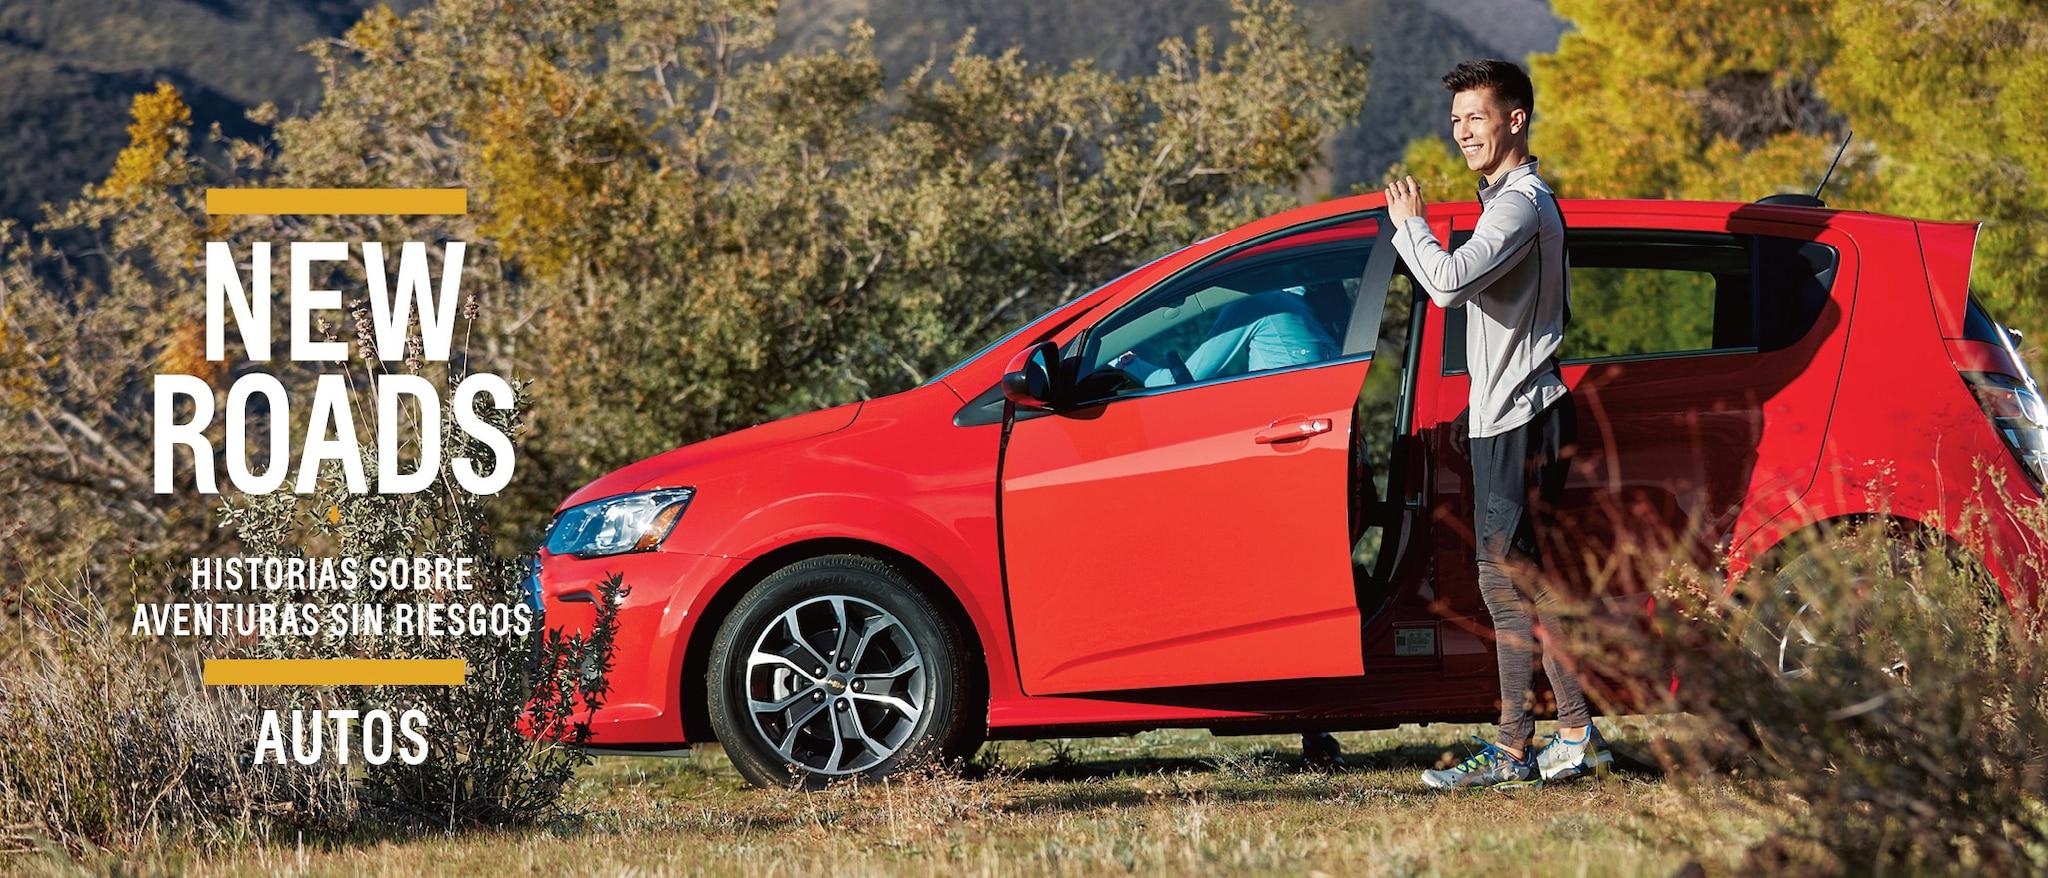 Un hombre con ropa deportiva se encuentra afuera de la puerta del copiloto de un hatchback Chevrolet Sonic.